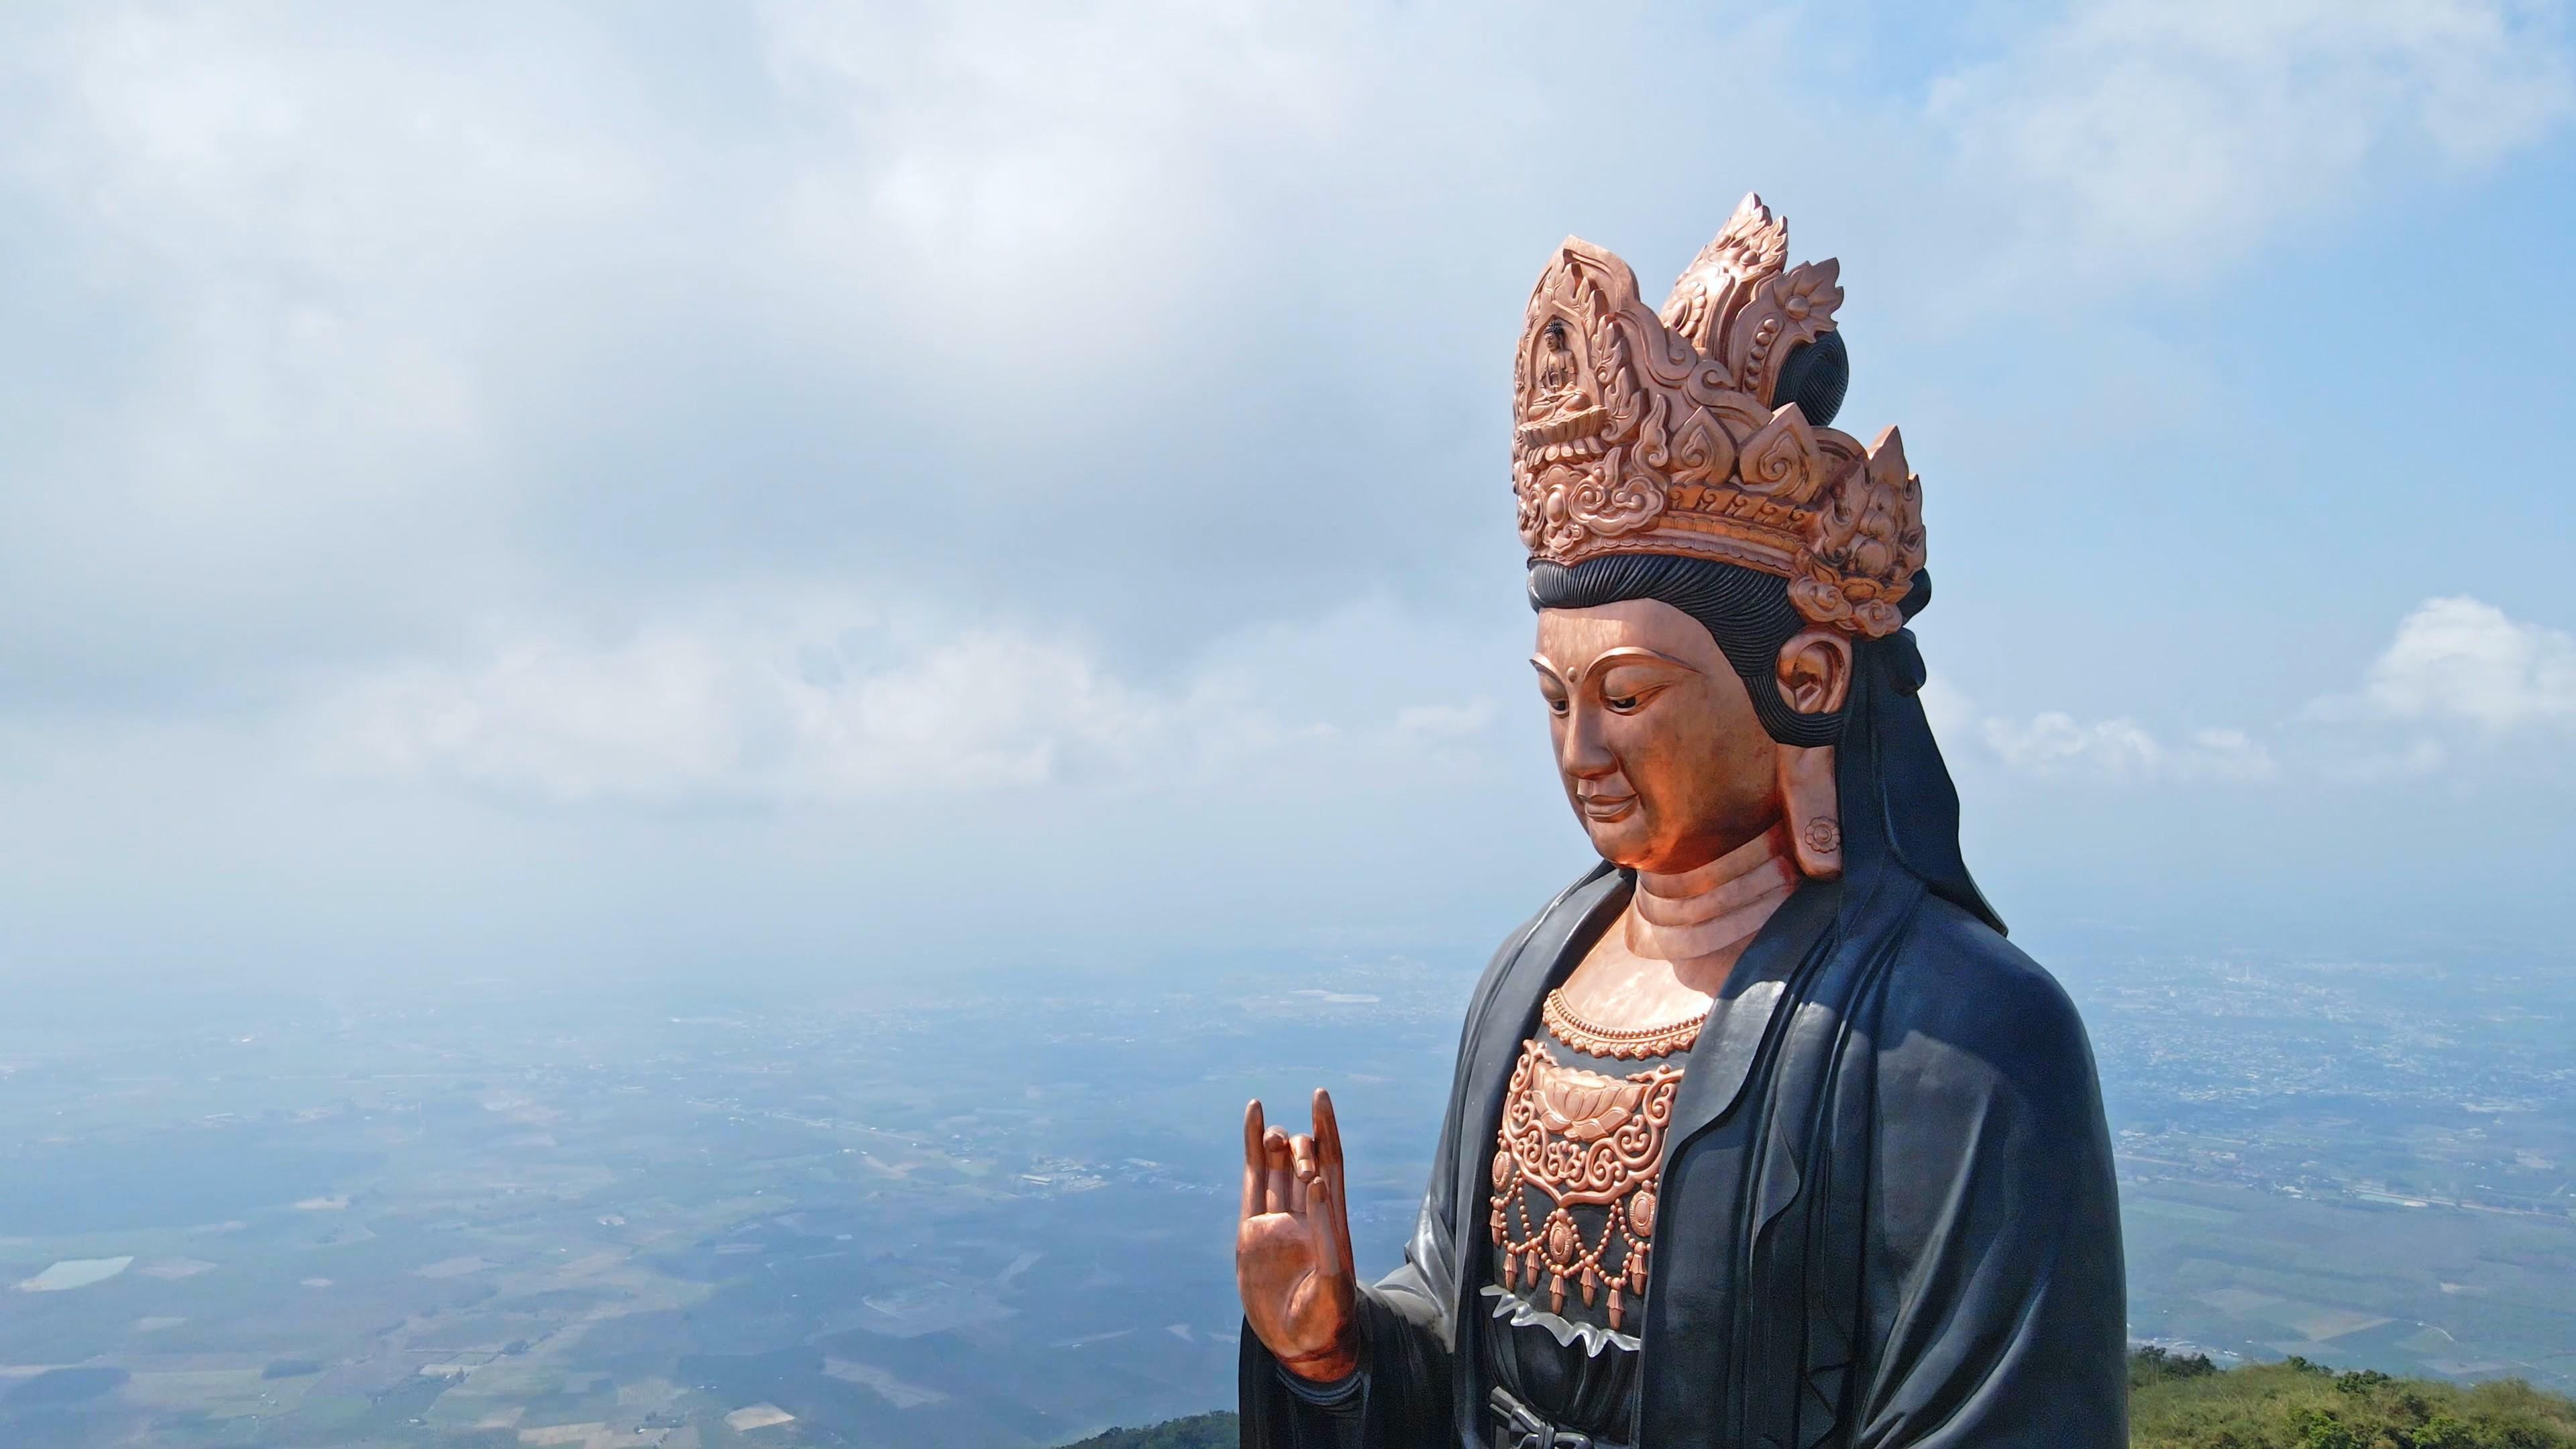 nui-ba-den-khong-nhac00-03-19-00still014-1630886595.jpg